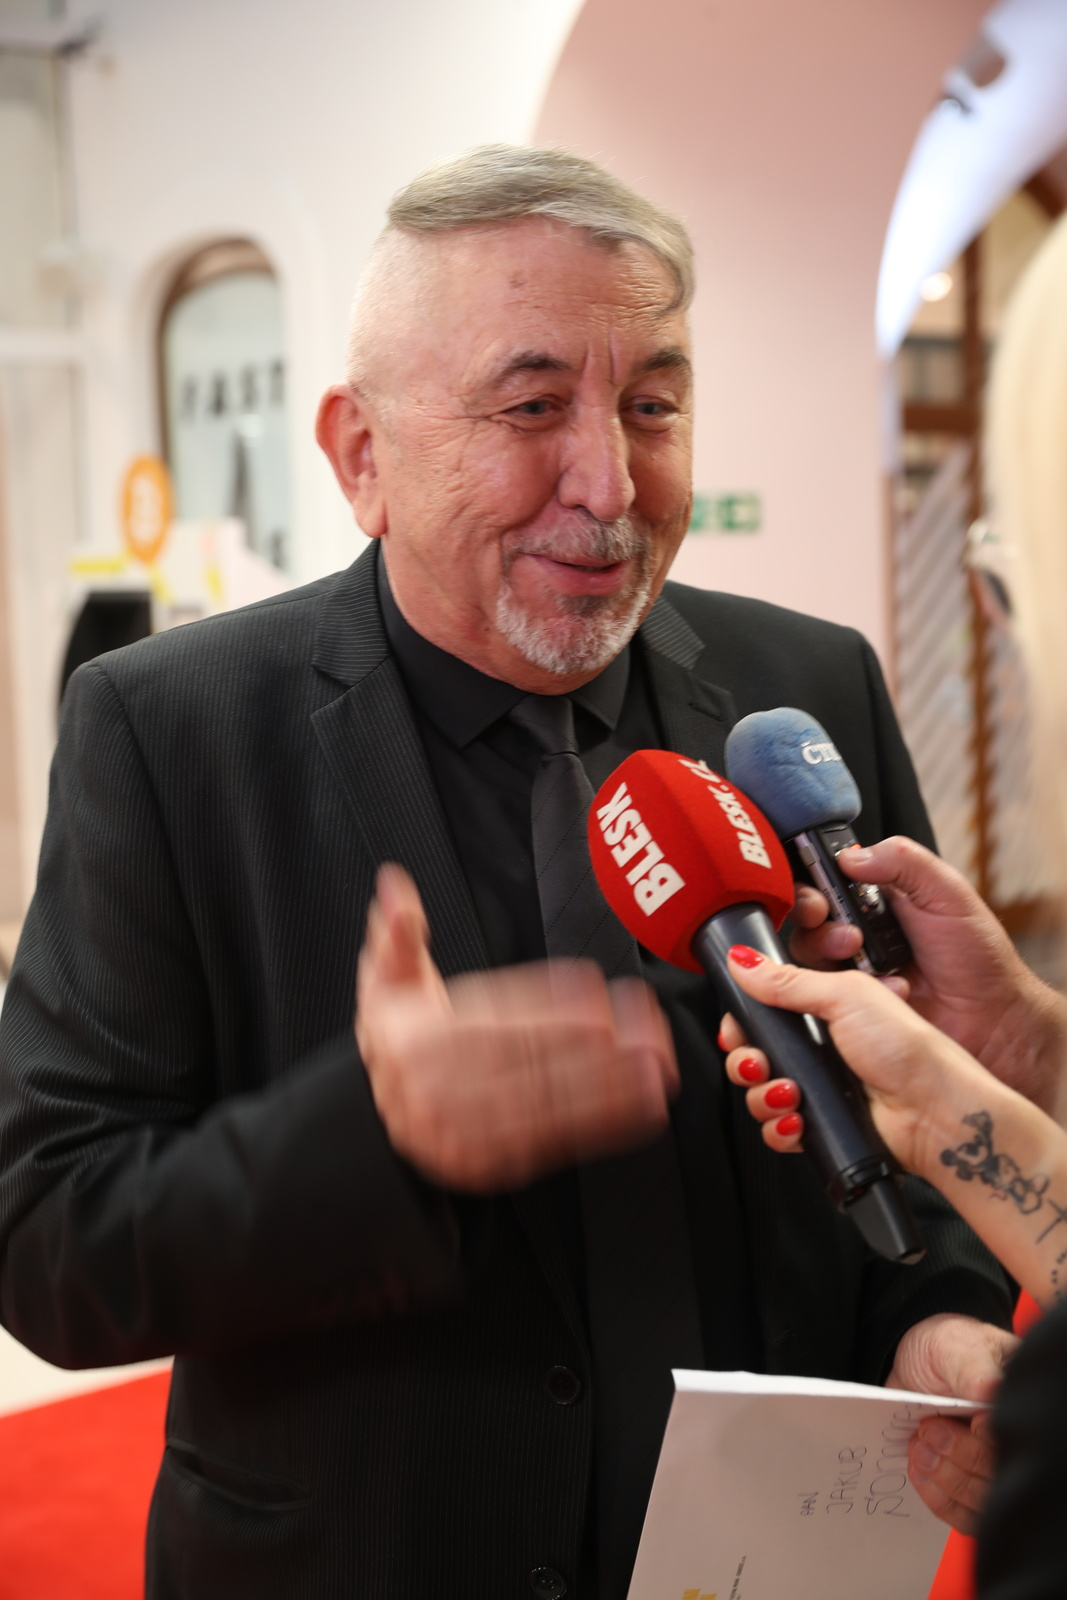 Předpremiéra filmu KAREL na Febiofest přilákala řadu vzácných hostů a nechyběl ani prezident festivalu Fero Fenič.